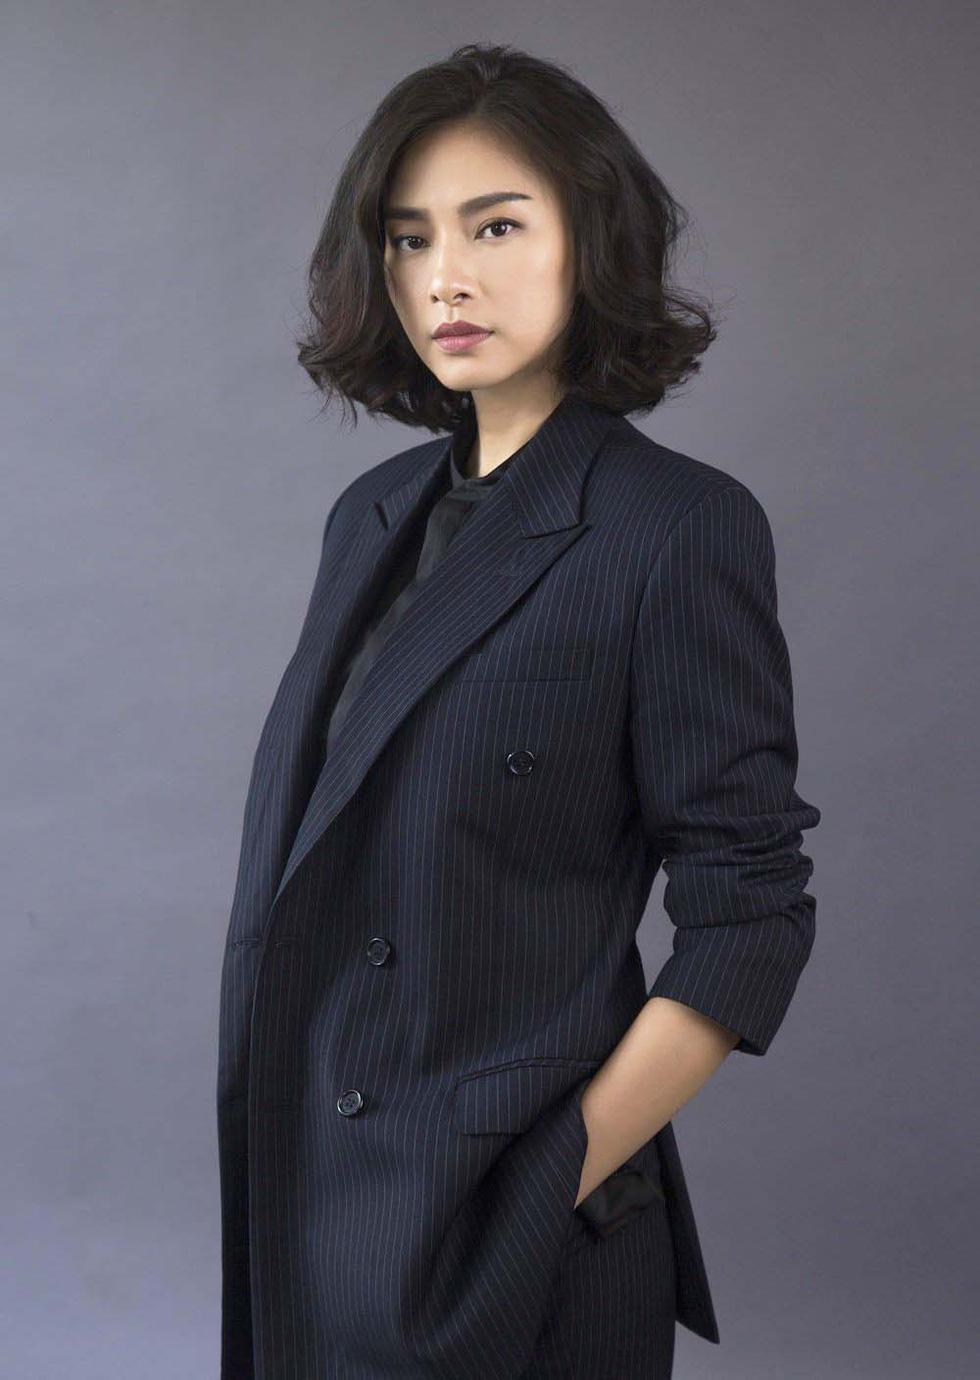 Đả nữ đưa phim Việt ra thế giới - Ảnh 4.